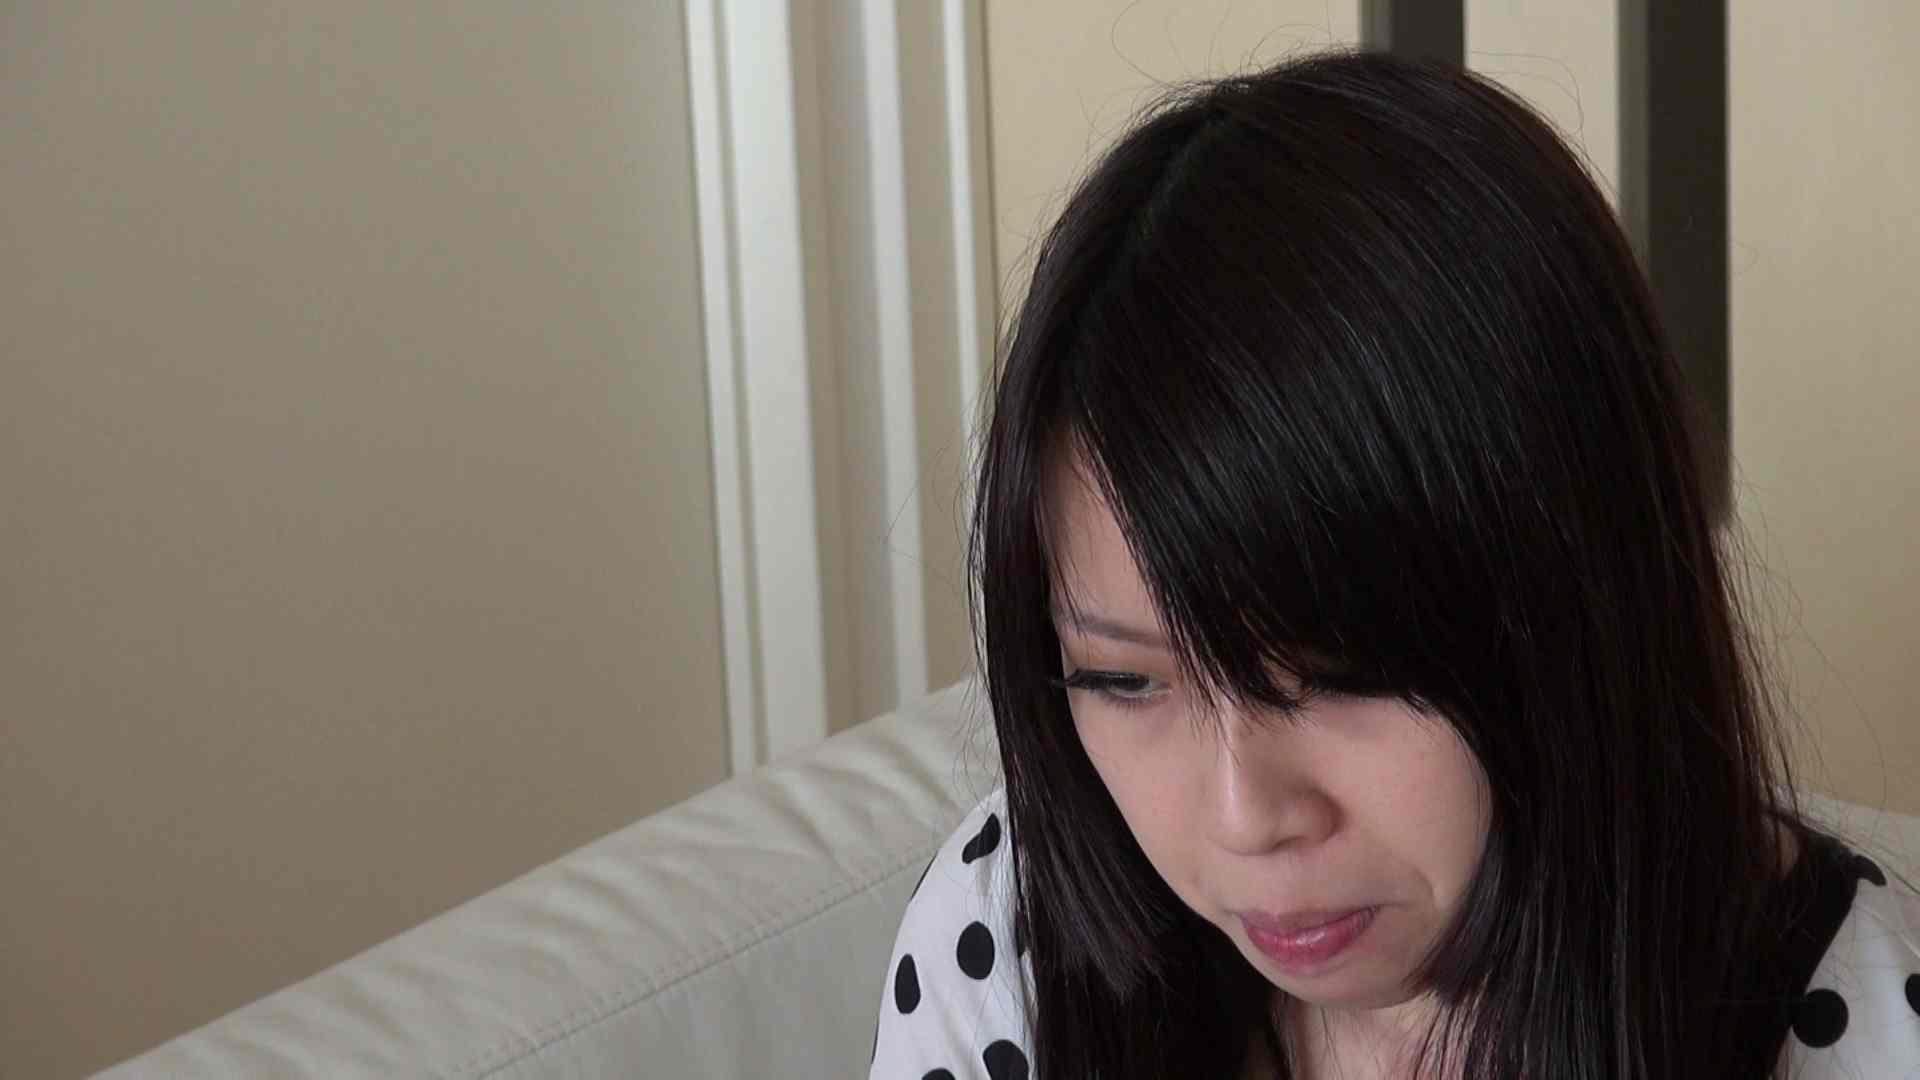 自宅で今回の出演までの経緯を語る志穂さん 0   0  63画像 6